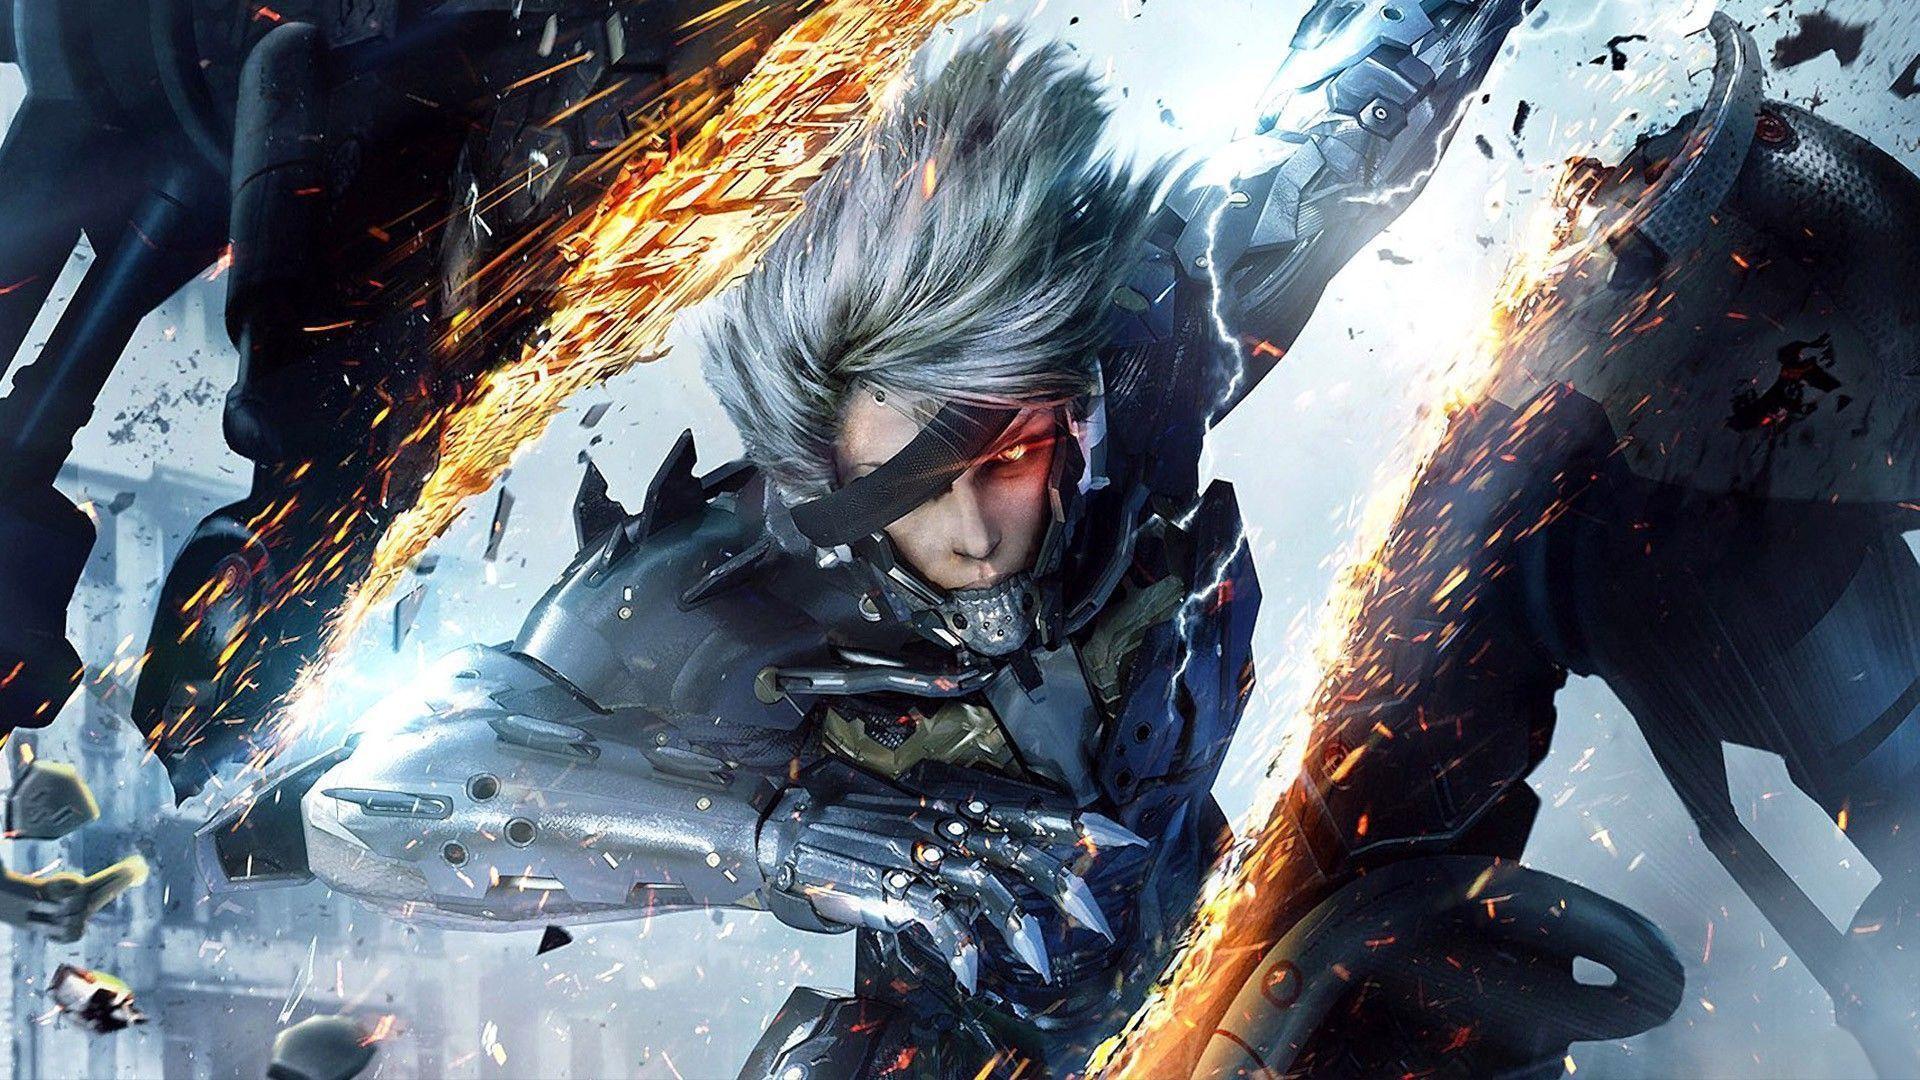 Metal Gear Rising Wallpapers